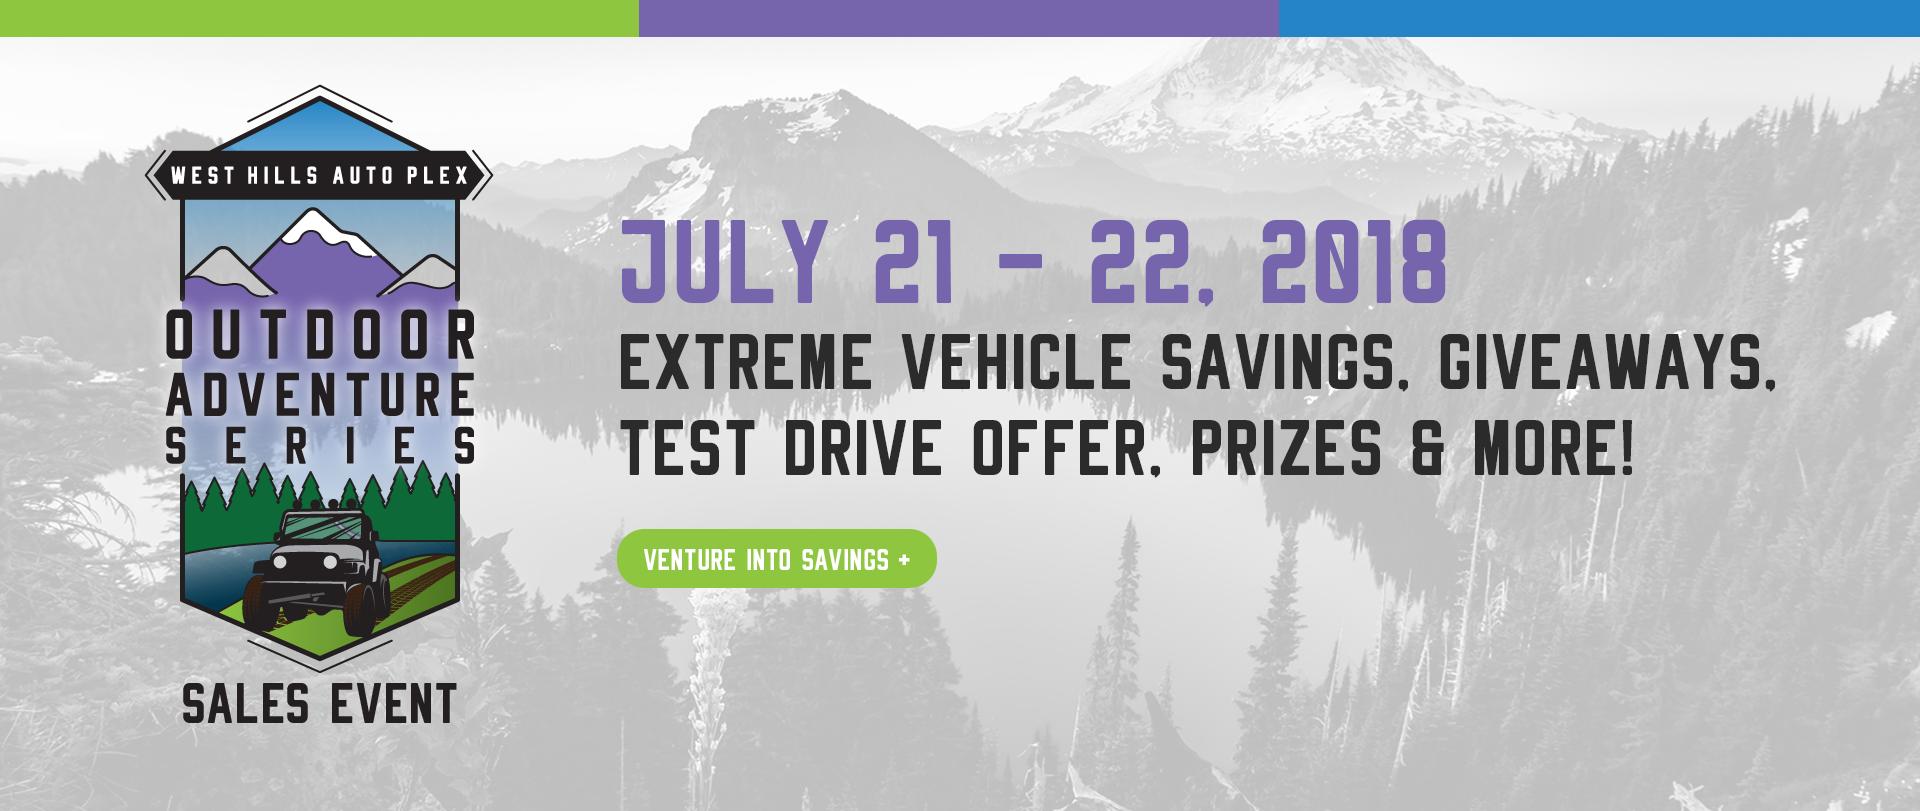 Outdoor Adventure Series Sales Event